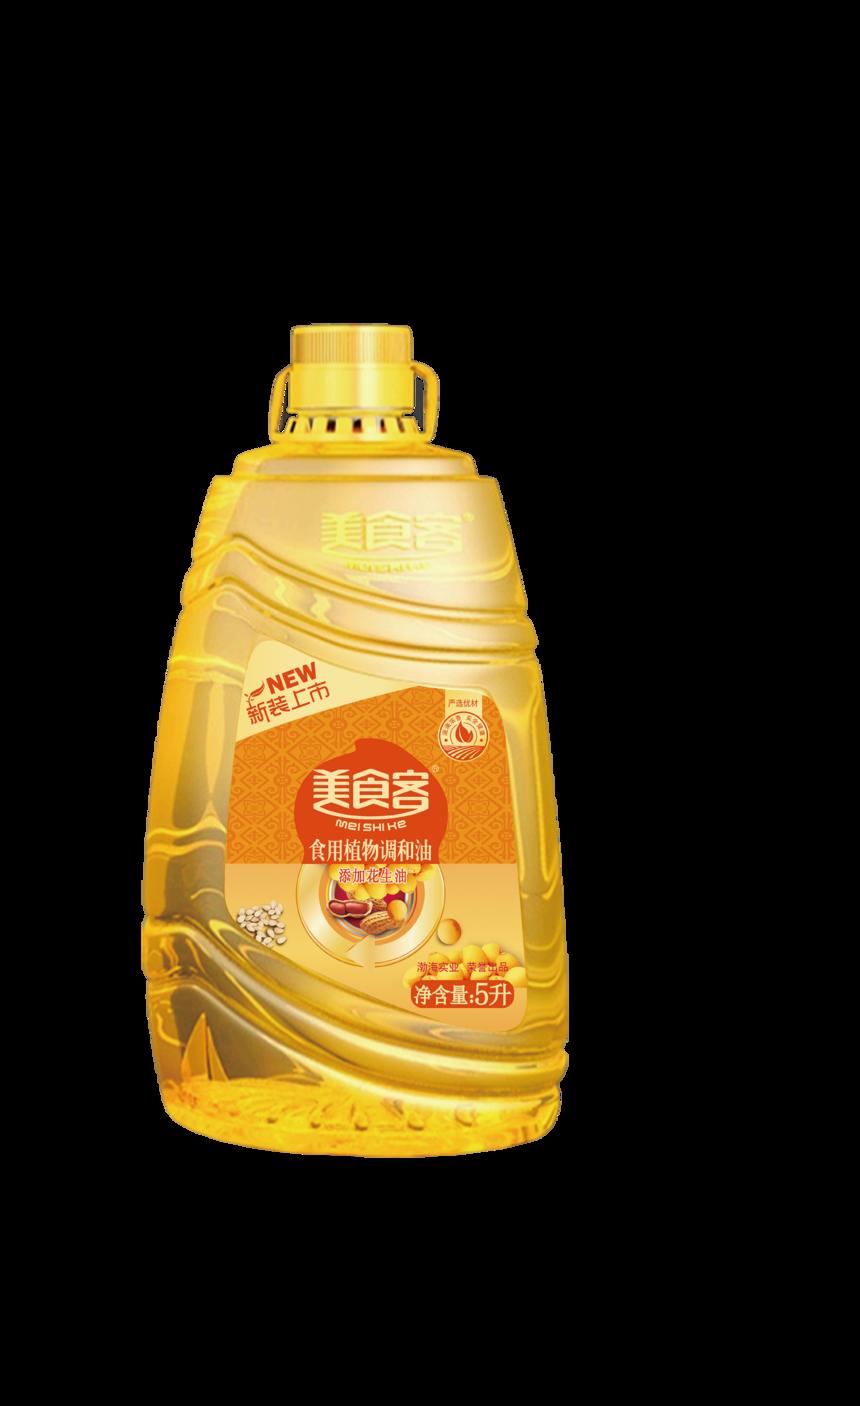 異形瓶新瓶型效果-05.png